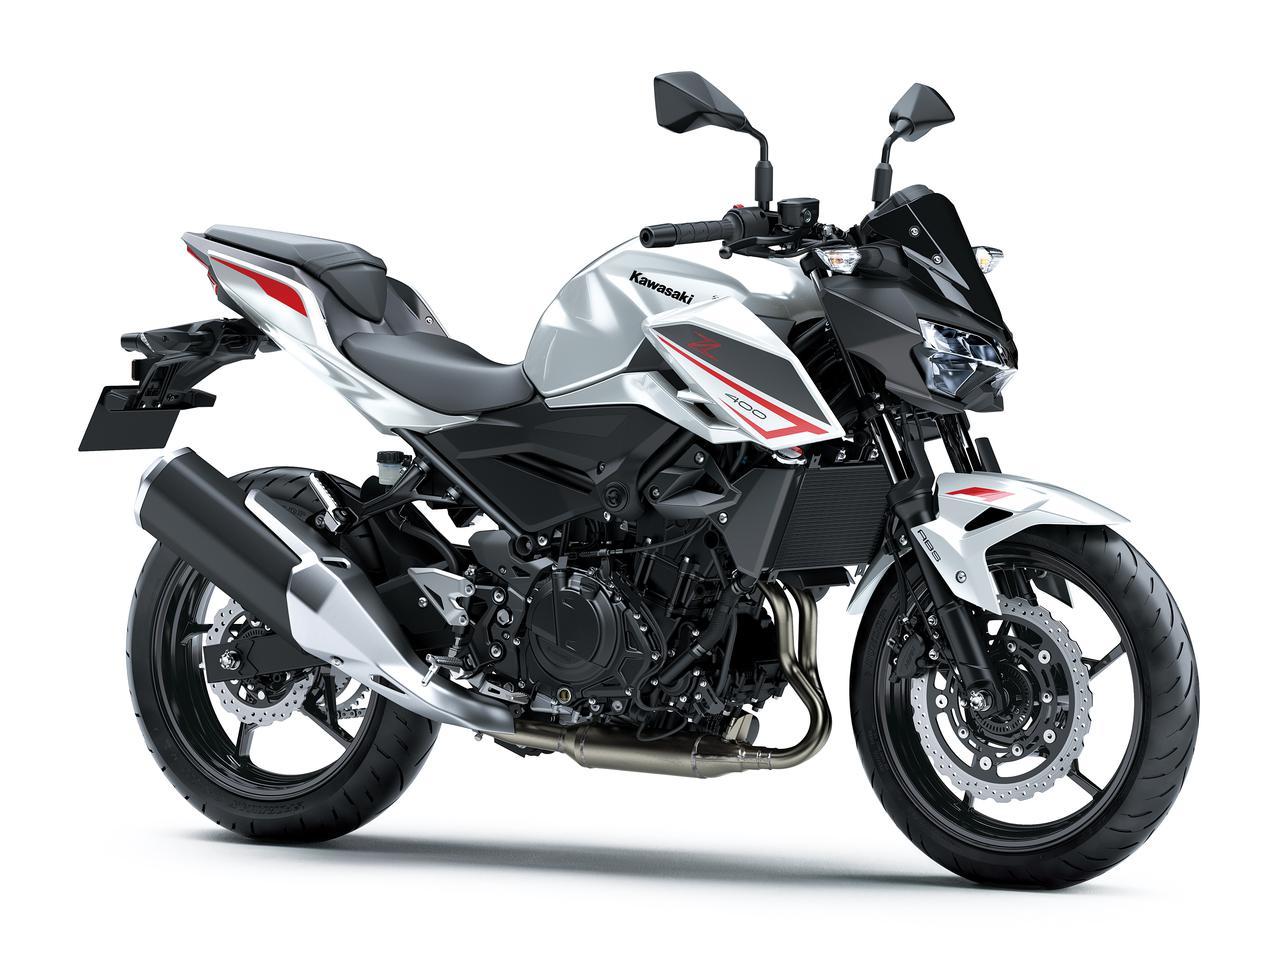 画像: Kawasaki Z400 総排気量:398cc エンジン形式:水冷4ストDOHC4バルブ並列2気筒 シート高:785mm 重量:166kg 発売日:2021年9月24日 税込価格:68万2000円